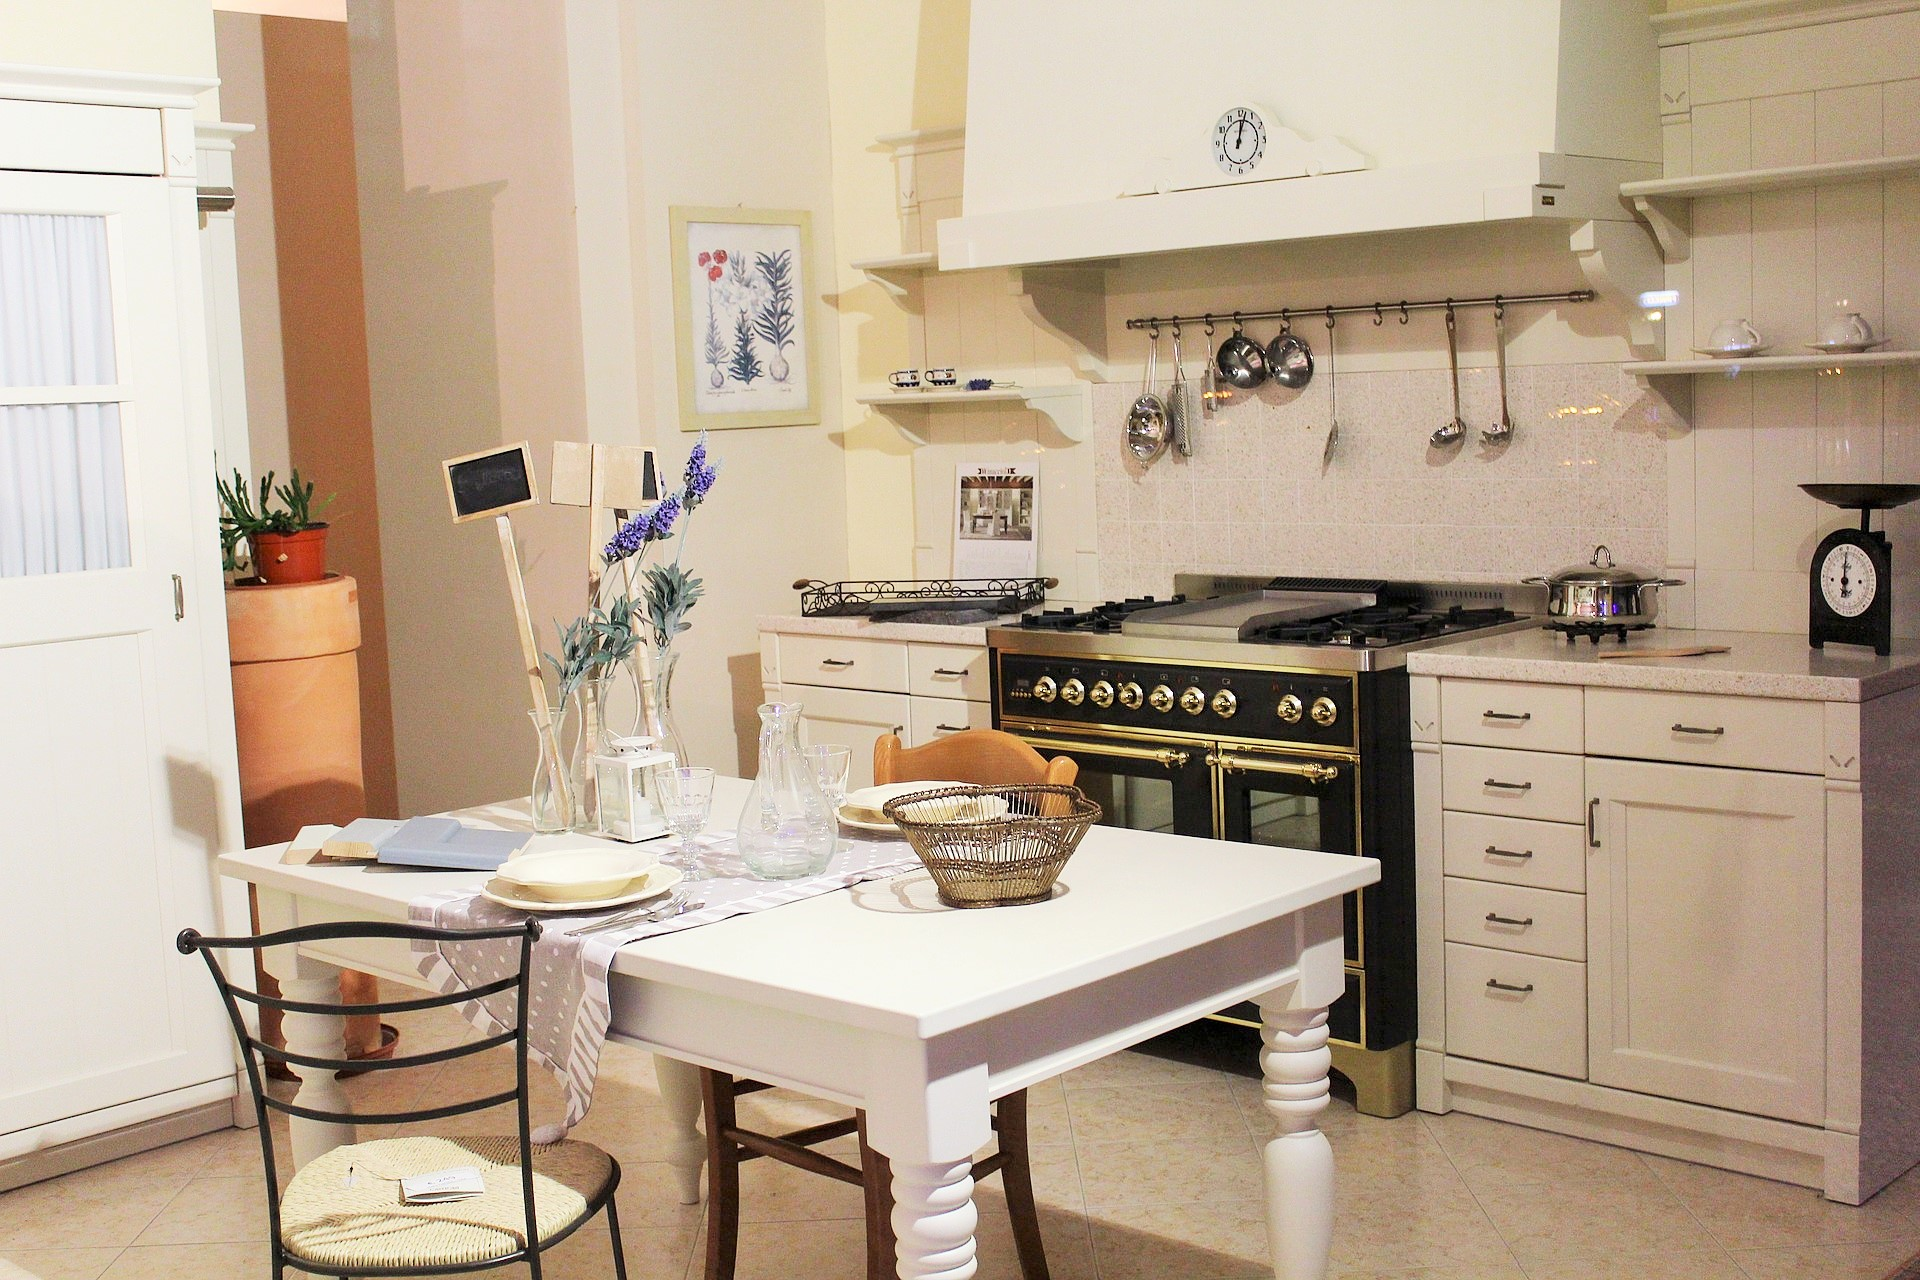 Kuchnia W Stylu Angielskim Piękno Codziennych Przedmiotów